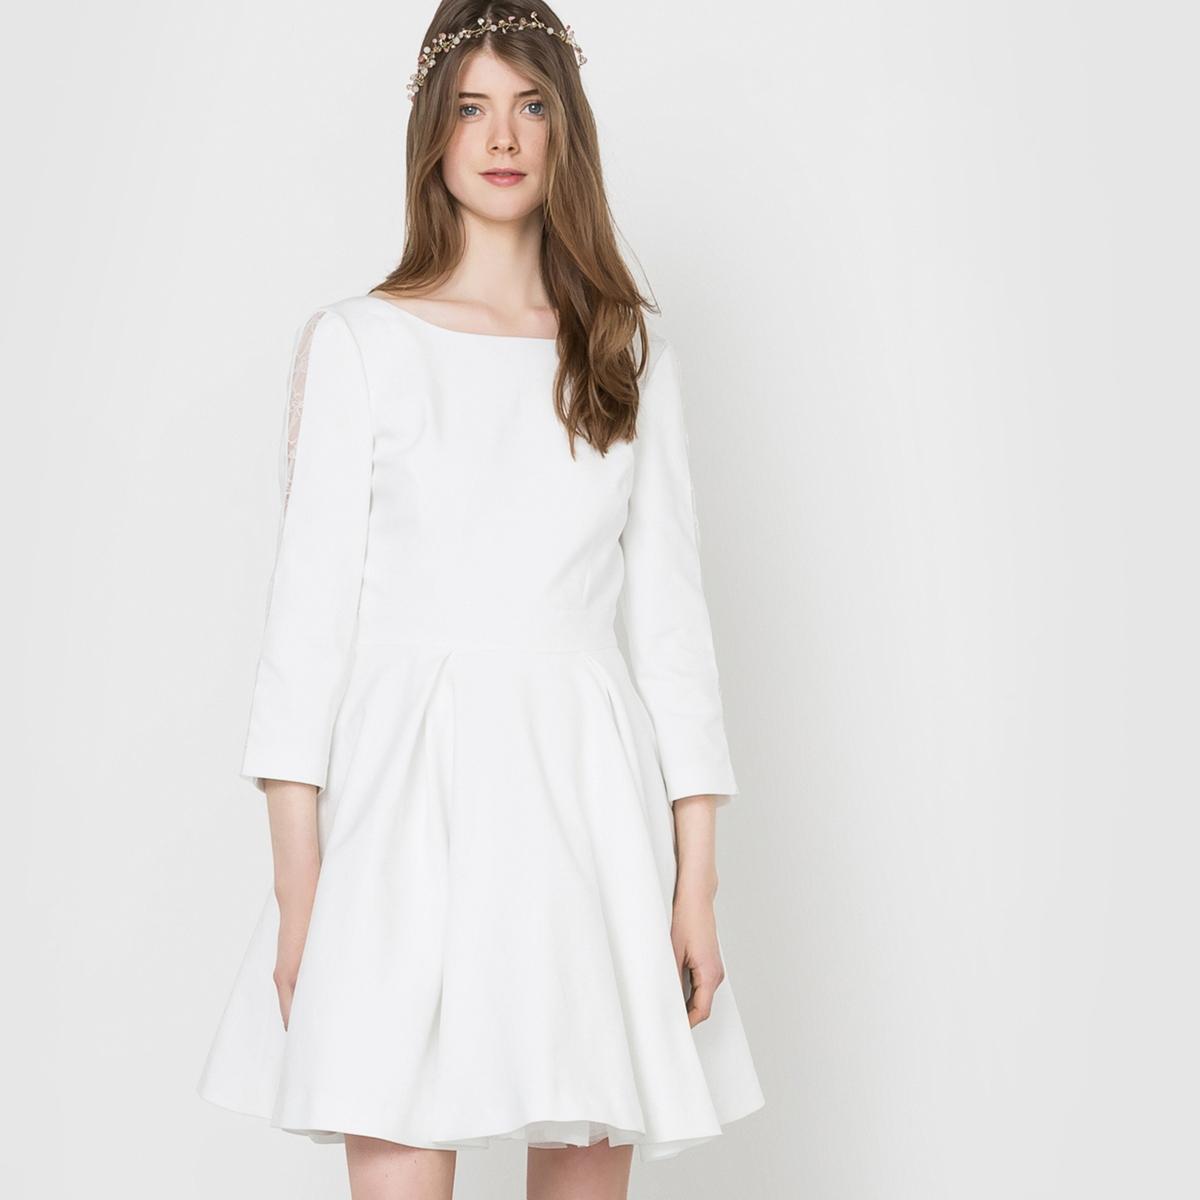 Платье свадебное с глубоким вырезом сзадиСостав и описание :Материал : 48% хлопка, 48% полиэстера, 4% эластана.Длина : 92 смМарка : MADEMOISELLE R.<br><br>Цвет: слоновая кость<br>Размер: 40 (FR) - 46 (RUS)